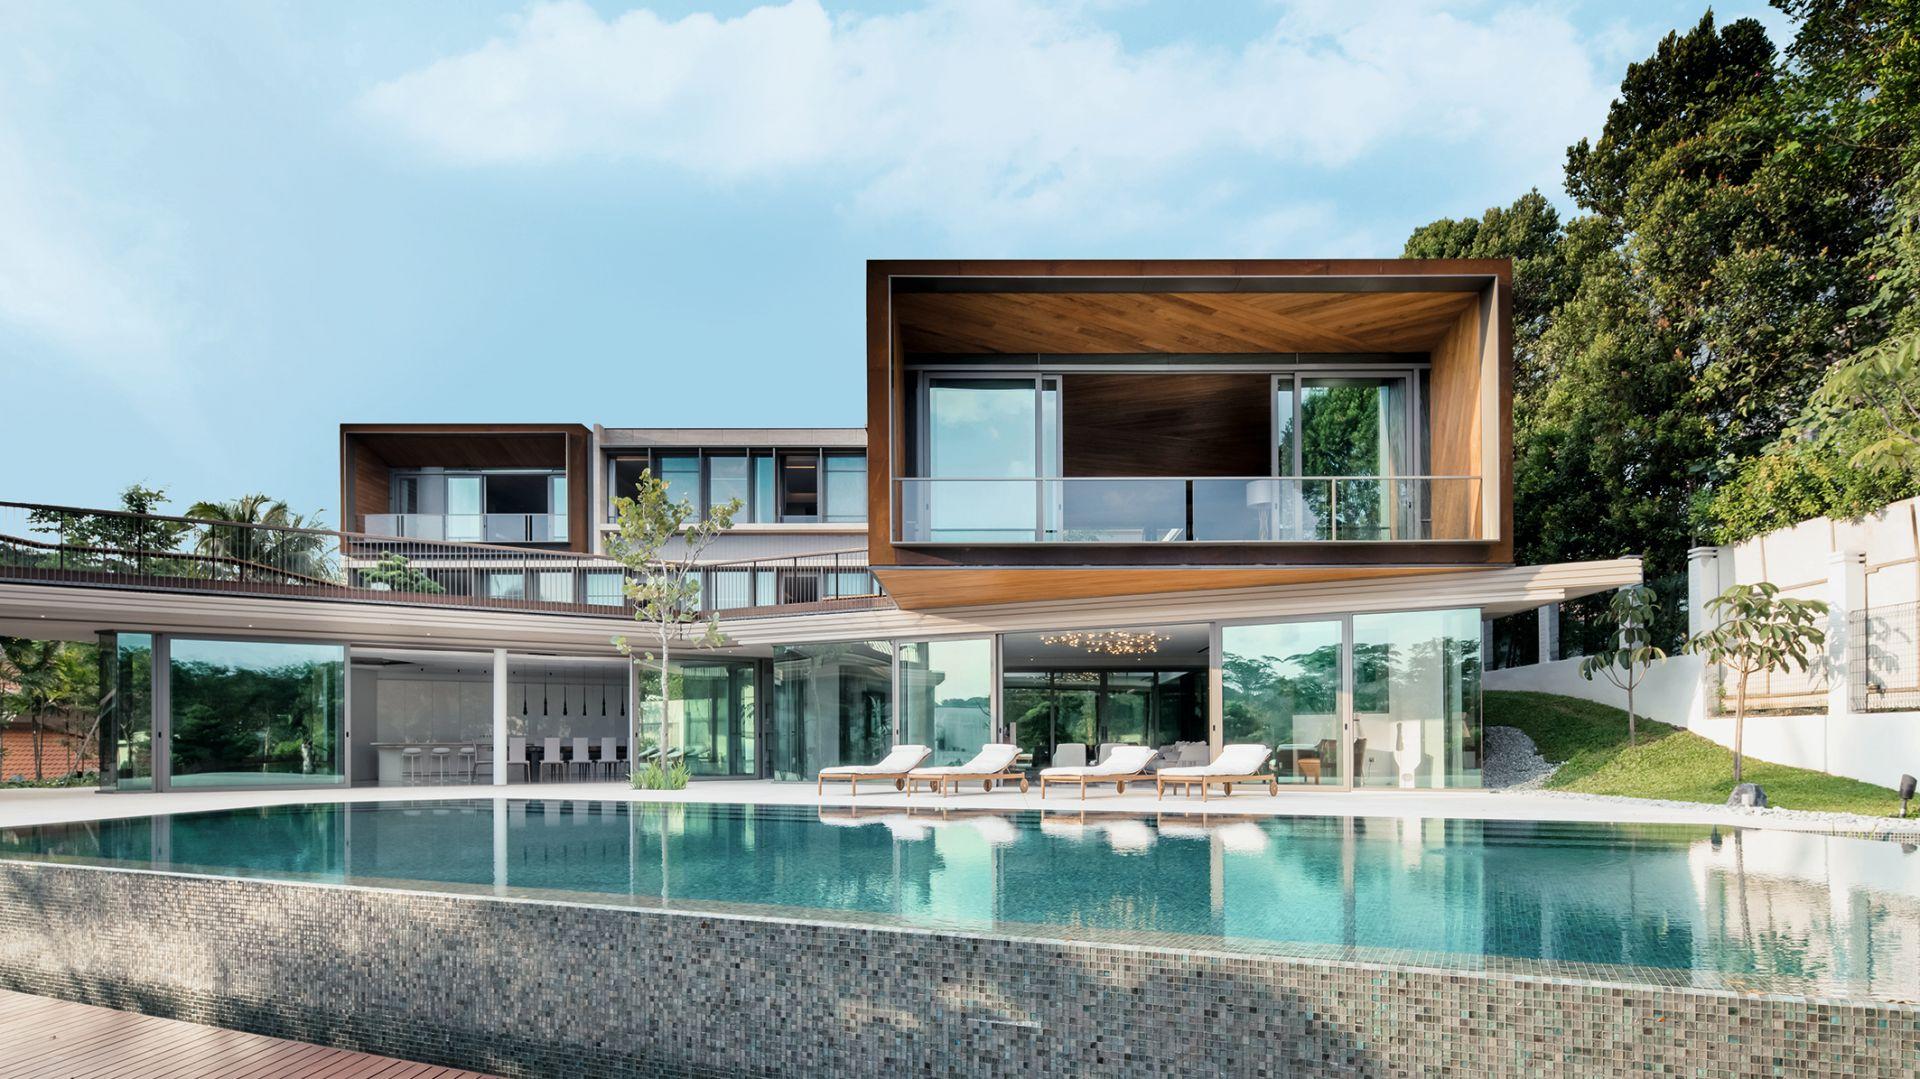 Plan parteru i konfiguracja struktury budynku odzwierciedlają diamentowy kształt wzgórza, na którym znajduje się działka. Fot. Schüco